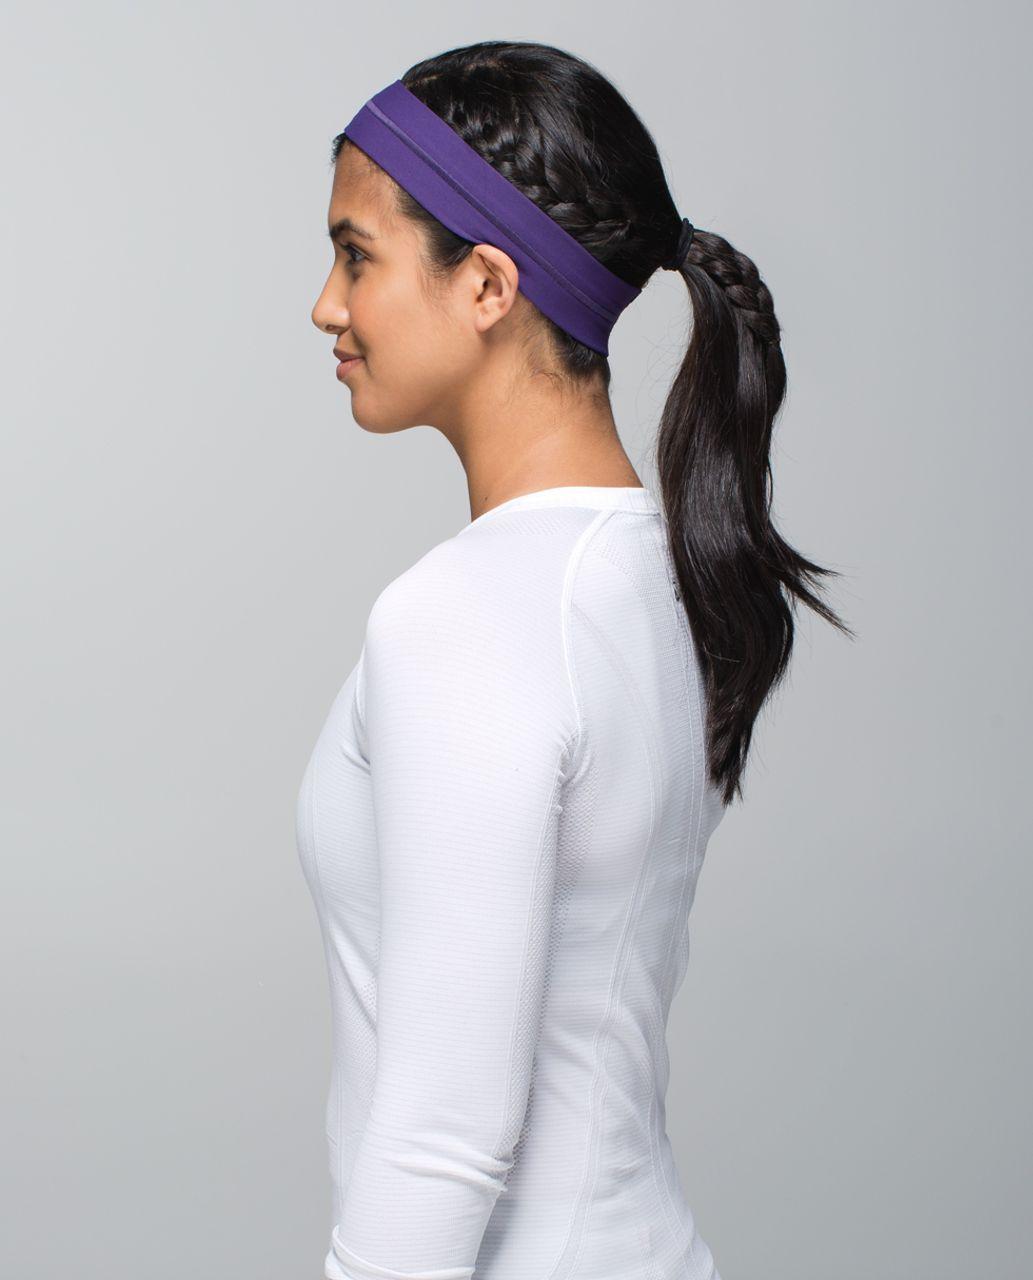 Lululemon Fly Away Tamer Headband - Going Grape